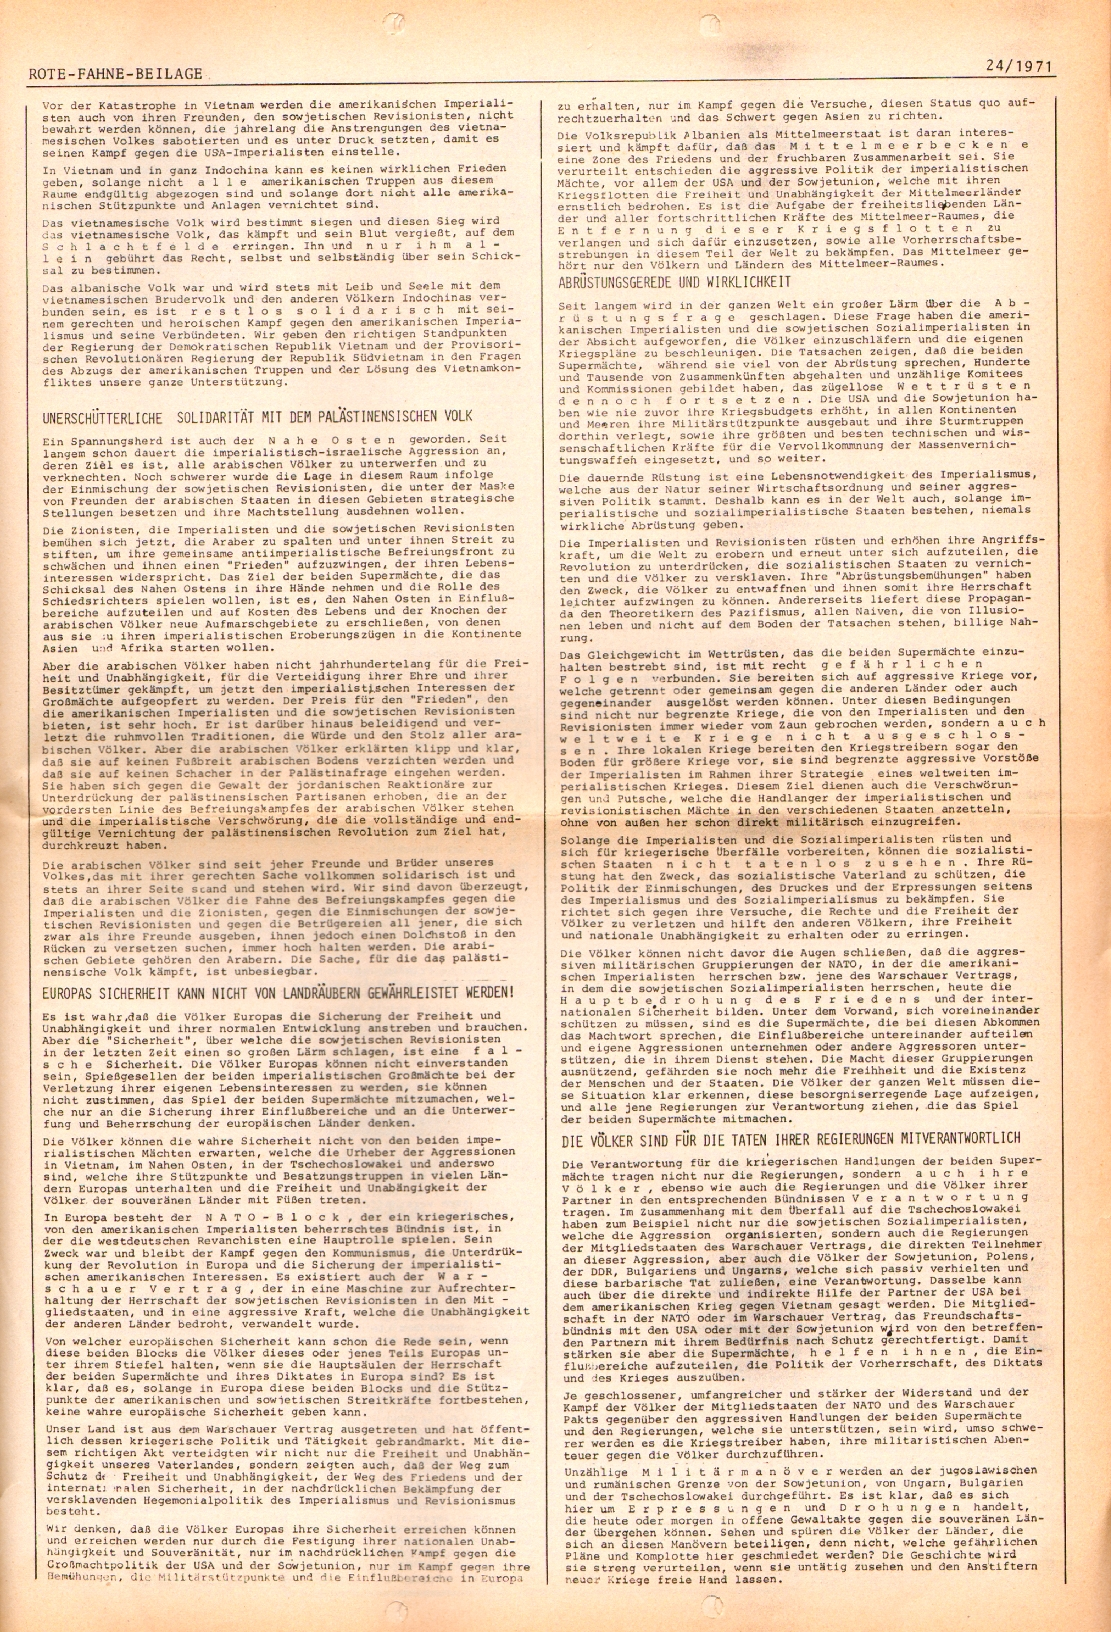 Rote Fahne, 2. Jg., 6.12.1971, Nr. 24, Seite 7